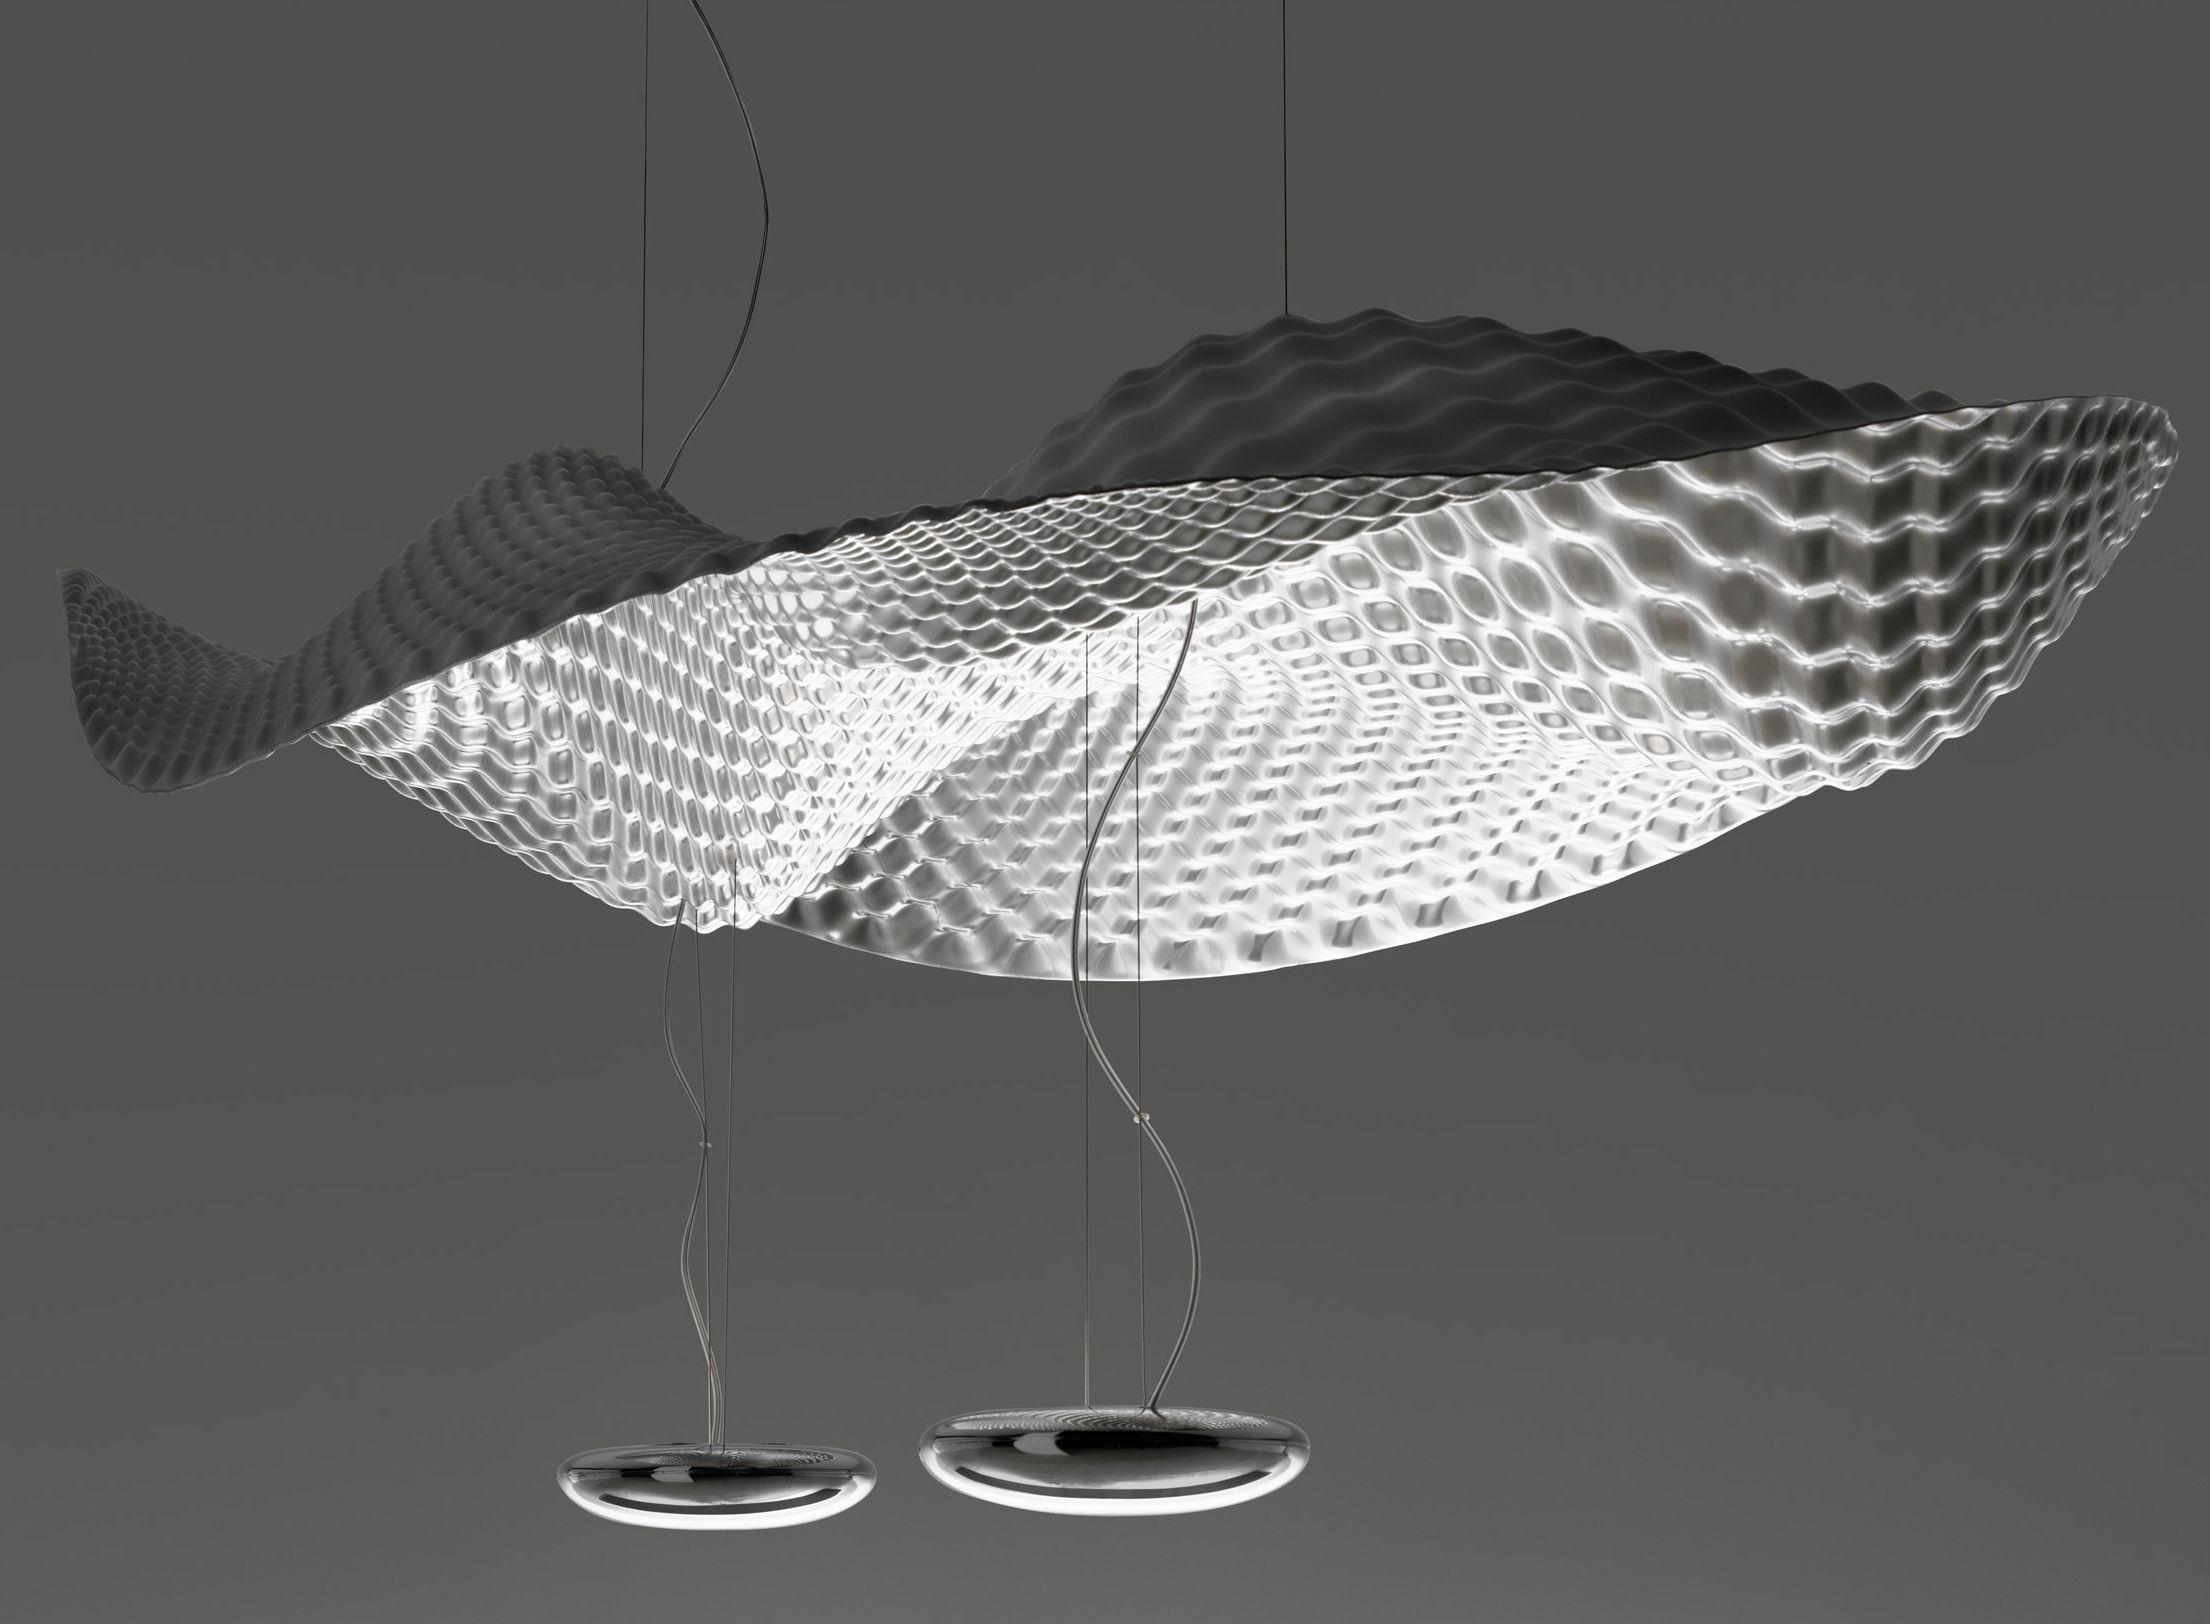 Illuminazione - Lampadari - Sospensione Cosmic Angel di Artemide - Specchio - Alluminio lucido, Materiale plastico